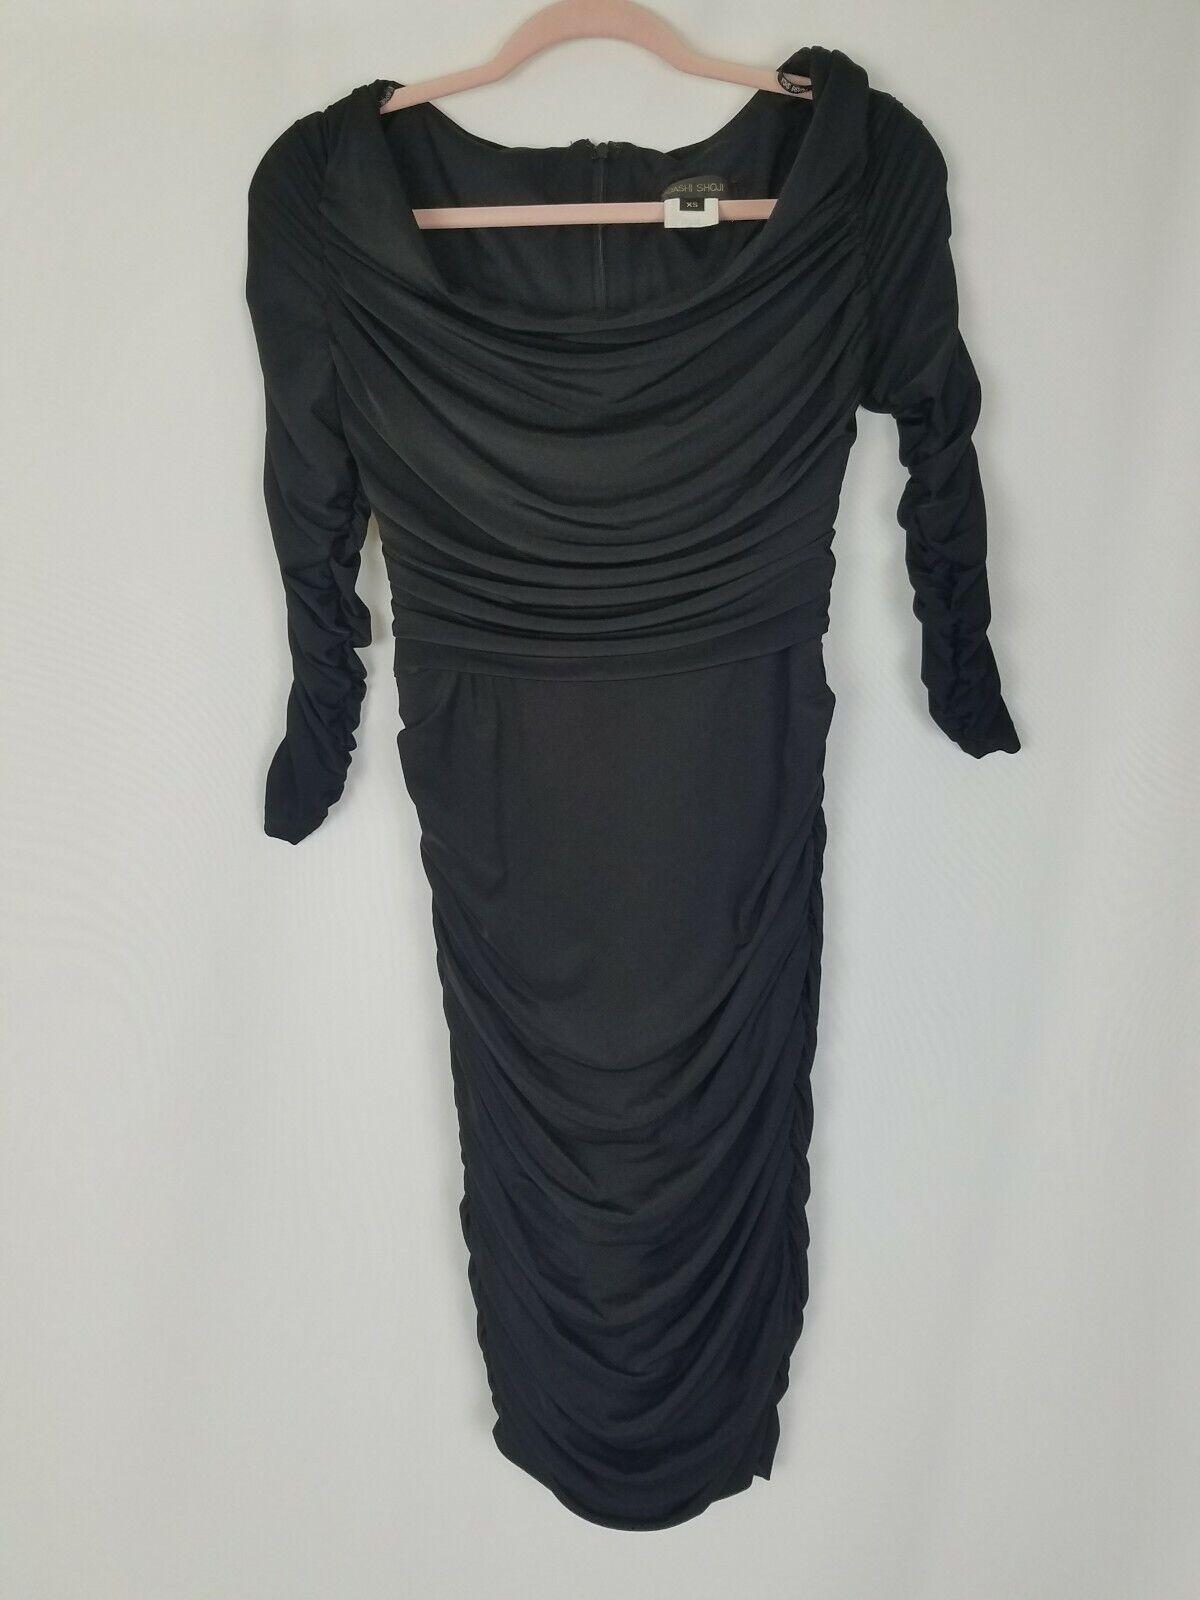 Tadashi Shoji Damen XS Seitliche Rüschen und Ärmel 3 4 Enganliegendes Kleid